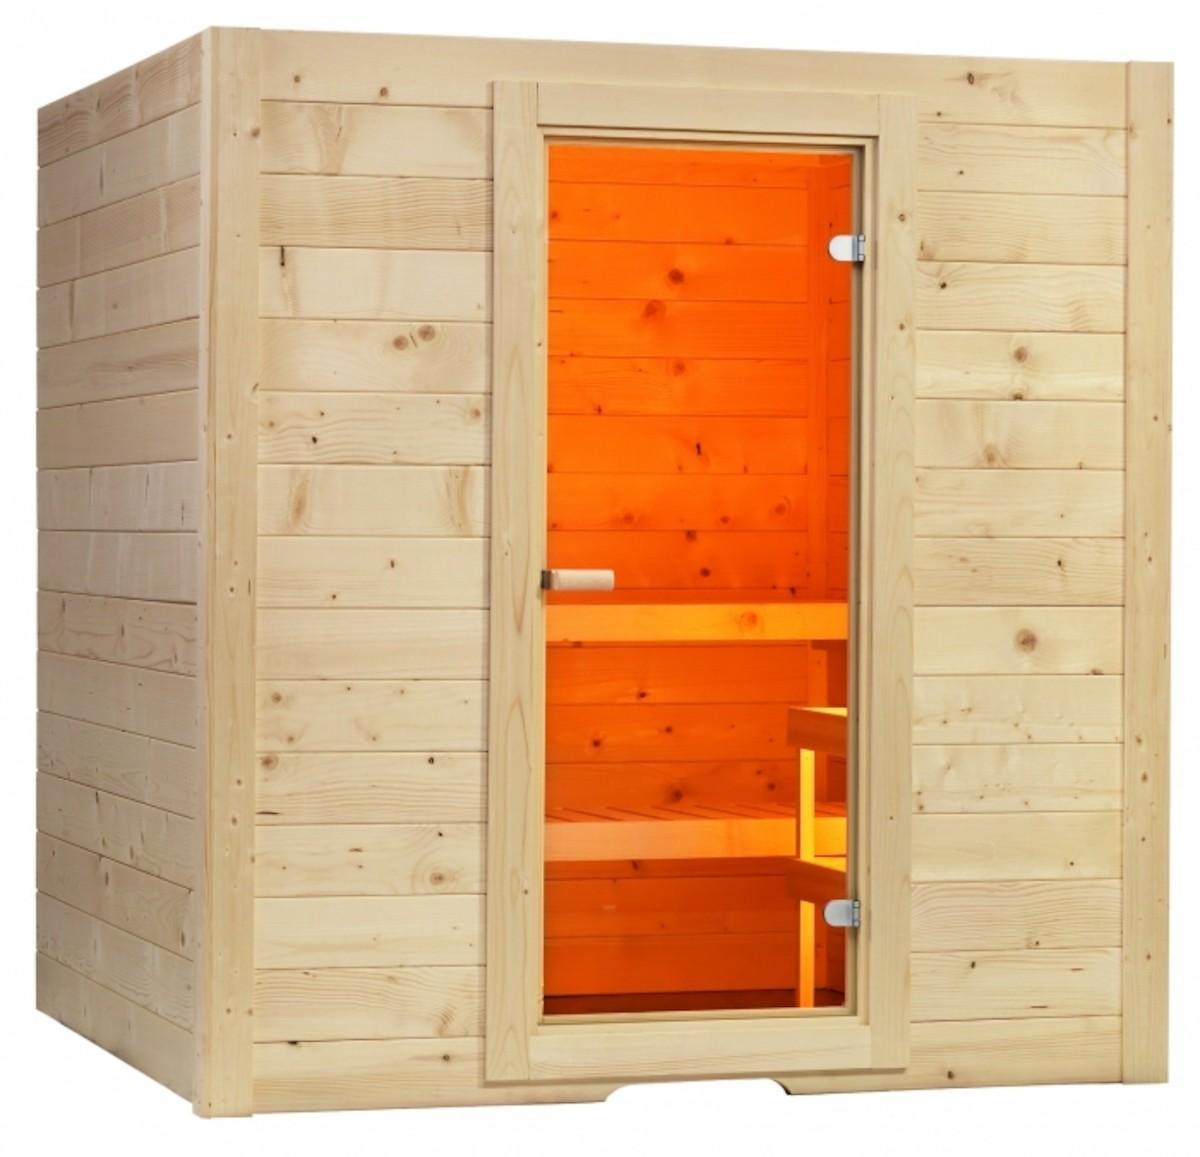 Finská sauna LARGE, HARVIA XENIO